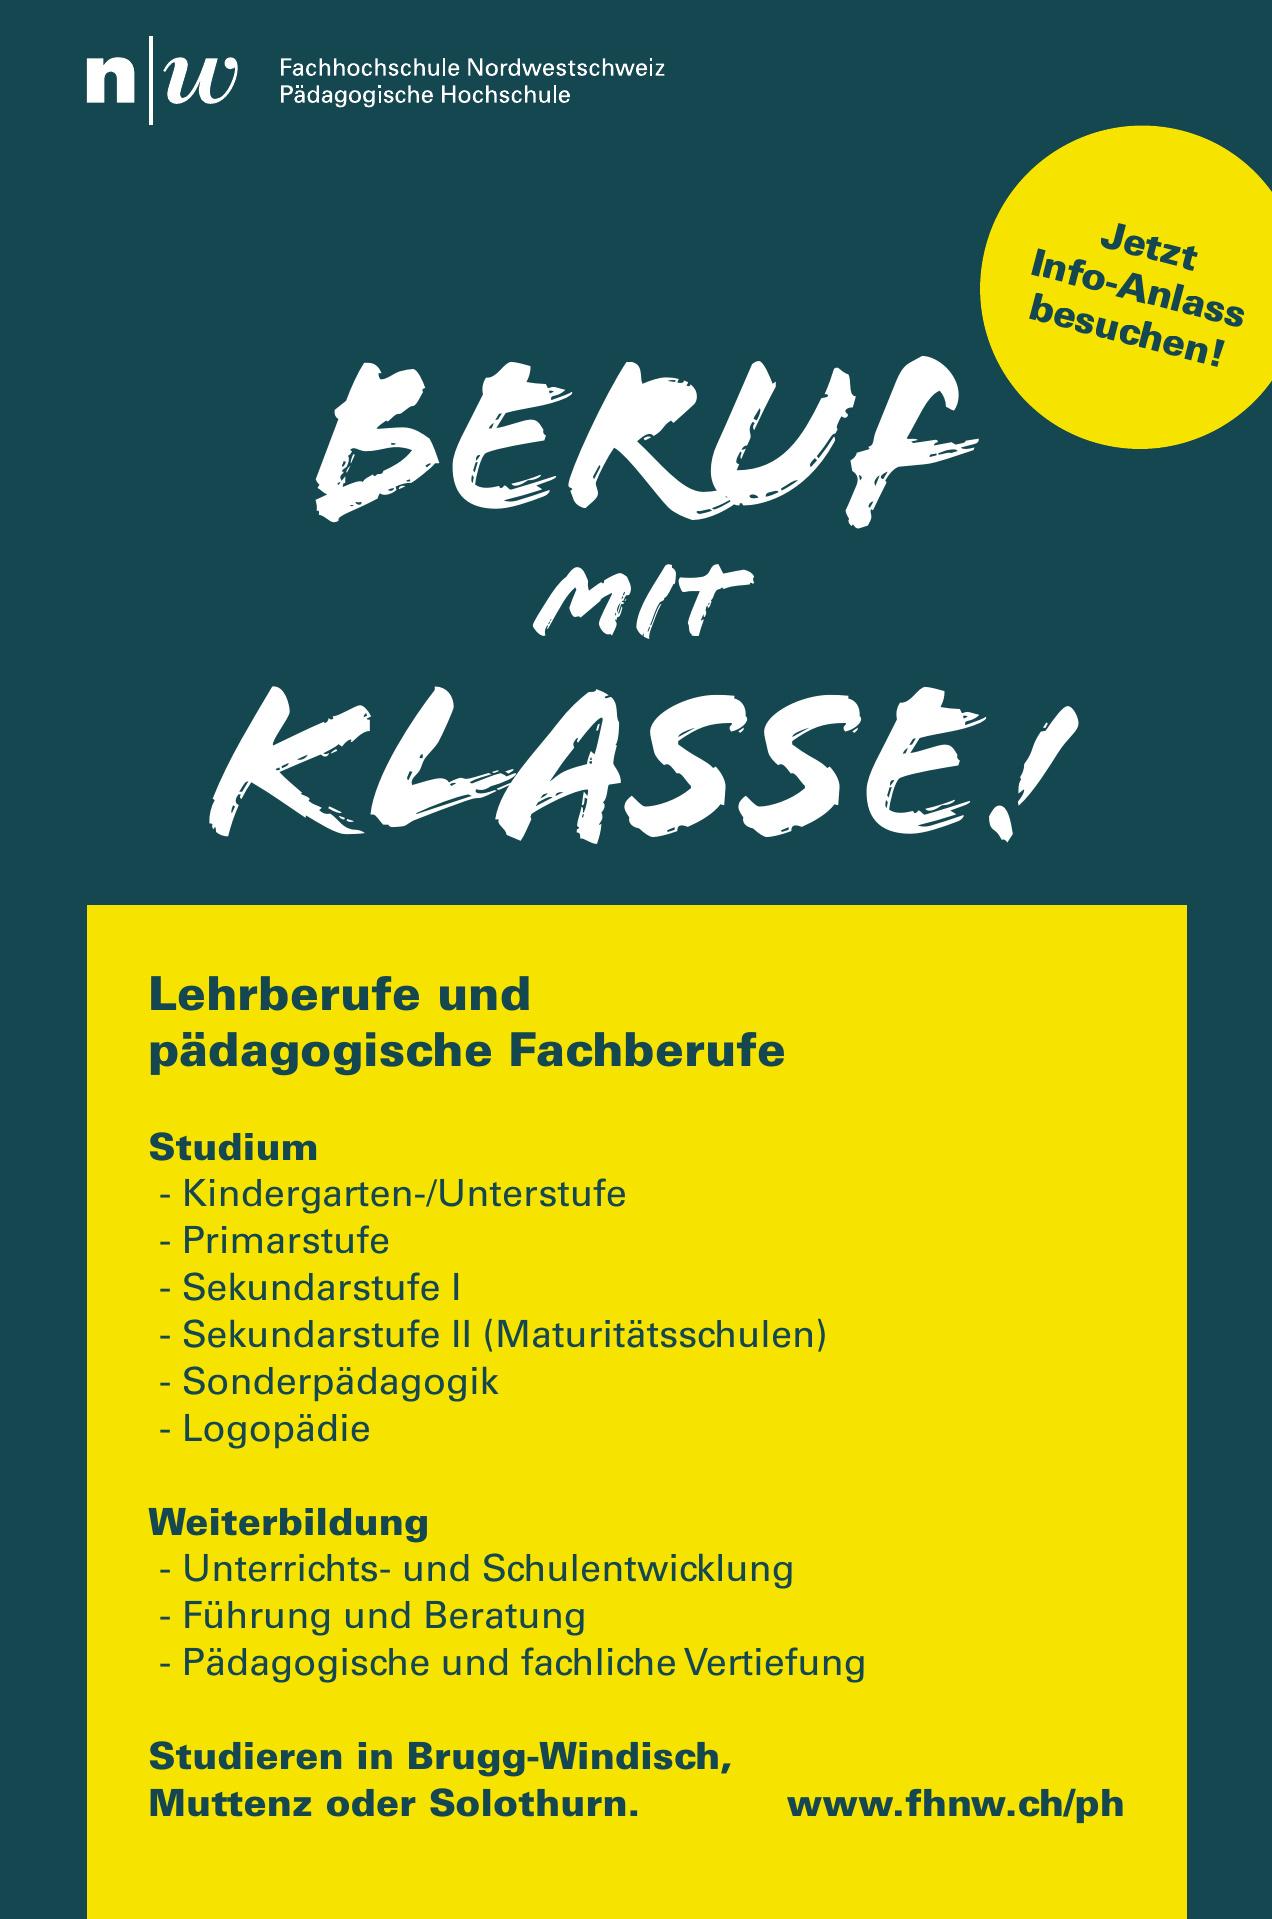 Fachhochschule Nordwestschweiz Pädagogische Hochschule